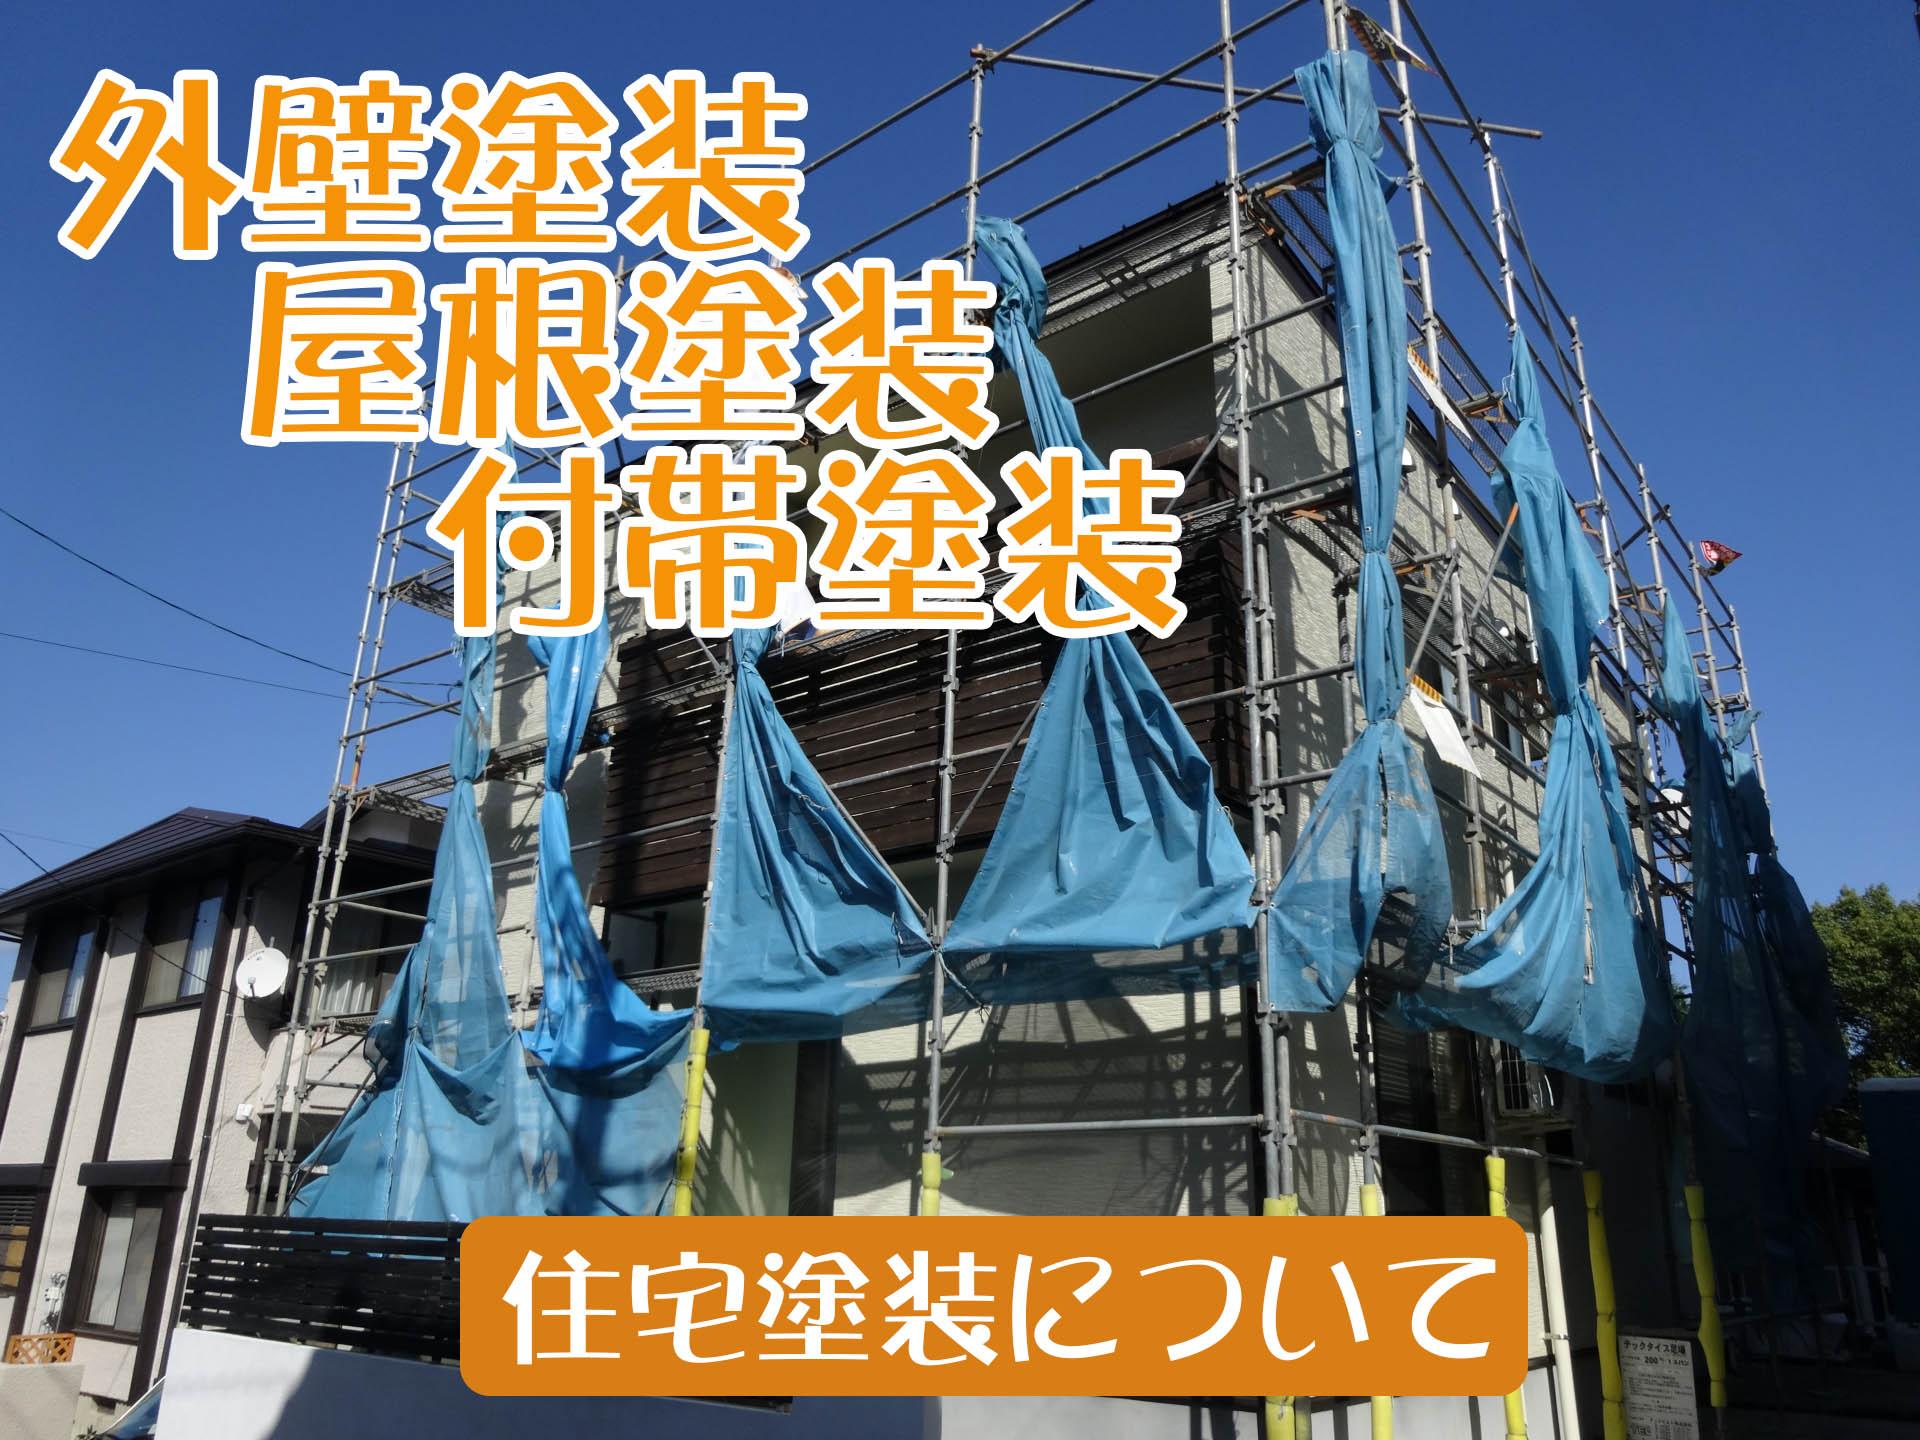 外壁塗装、屋根塗装、住宅付帯設備塗装